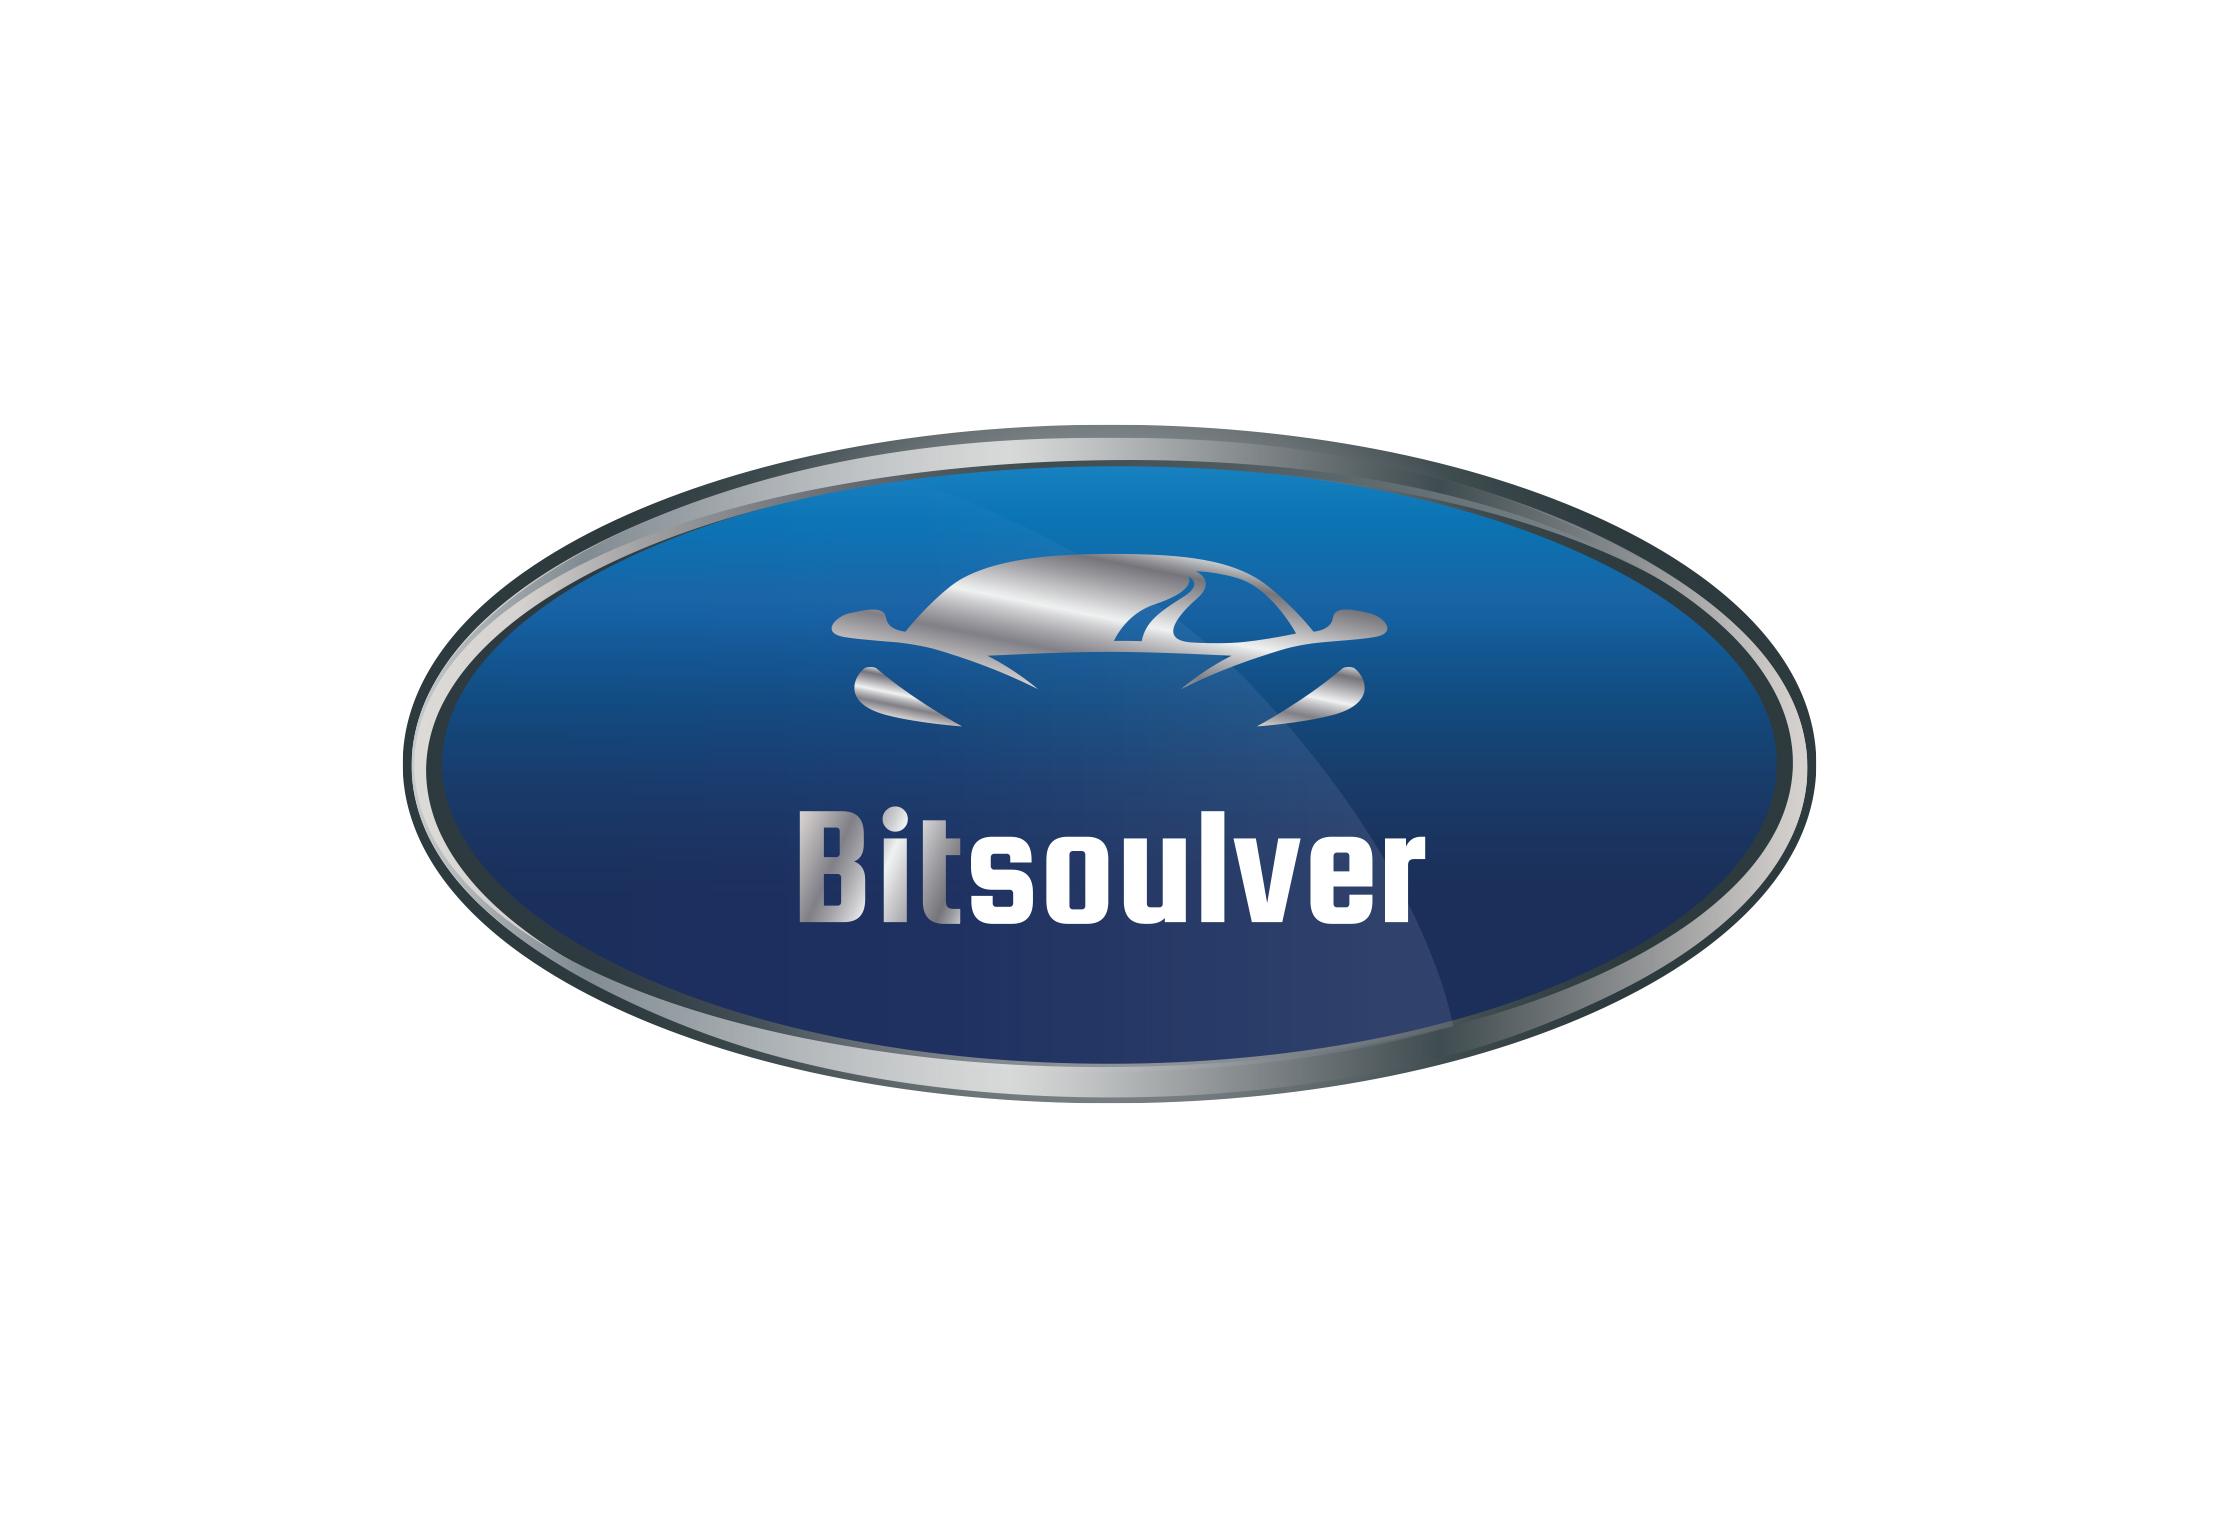 לוגו bitsoulver